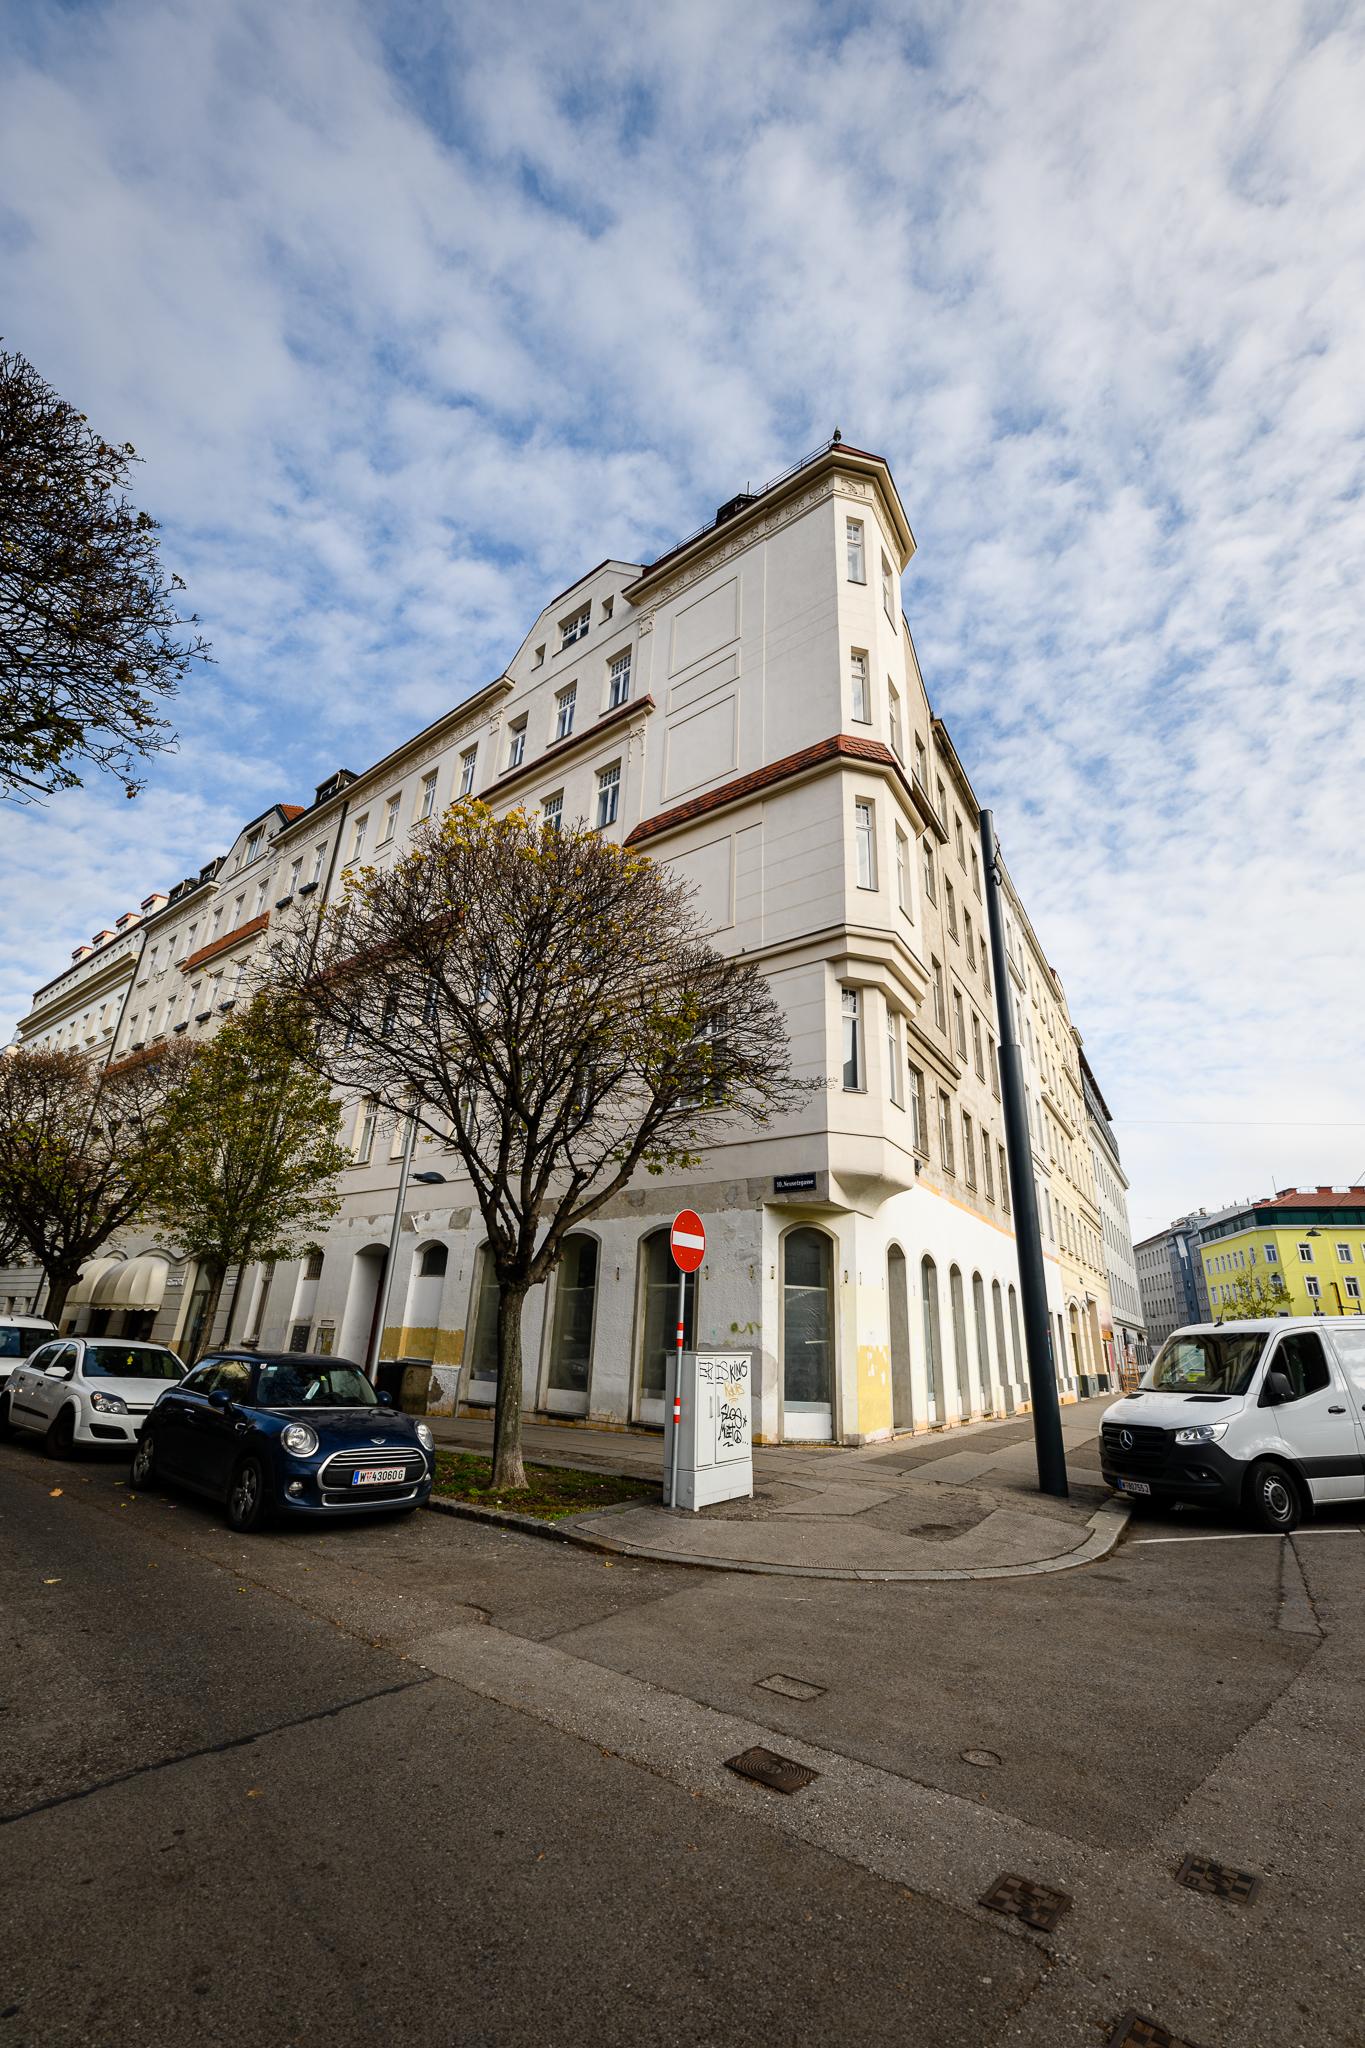 Sanierung und Instandhaltung Dachstuhl und Dachausbau i Wien THON Baubetreuung